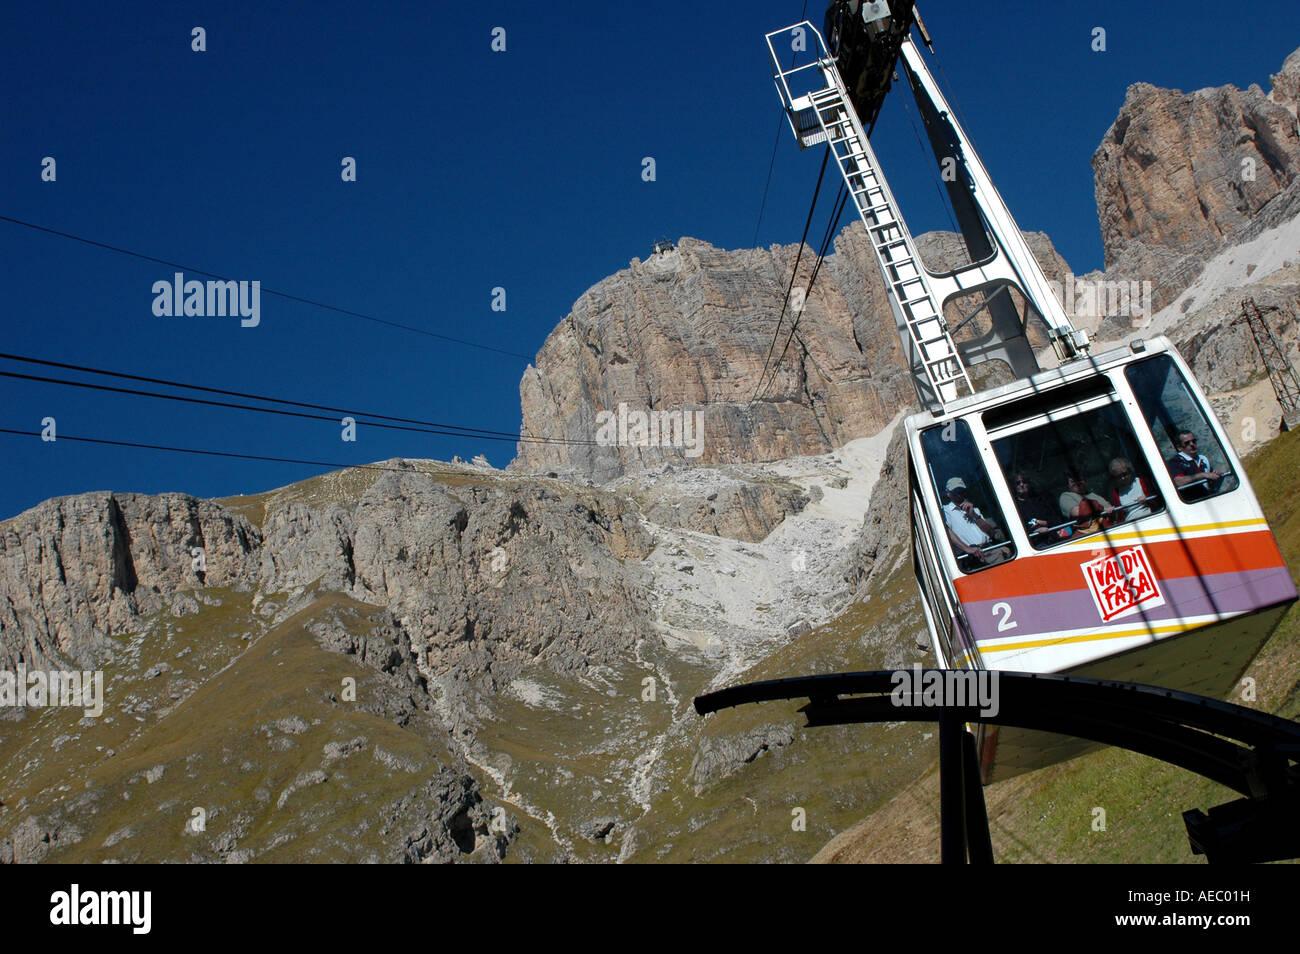 Cable car at the Pordoi Pass, Val di Fassa, Trentino Alto Adige Italy - Stock Image